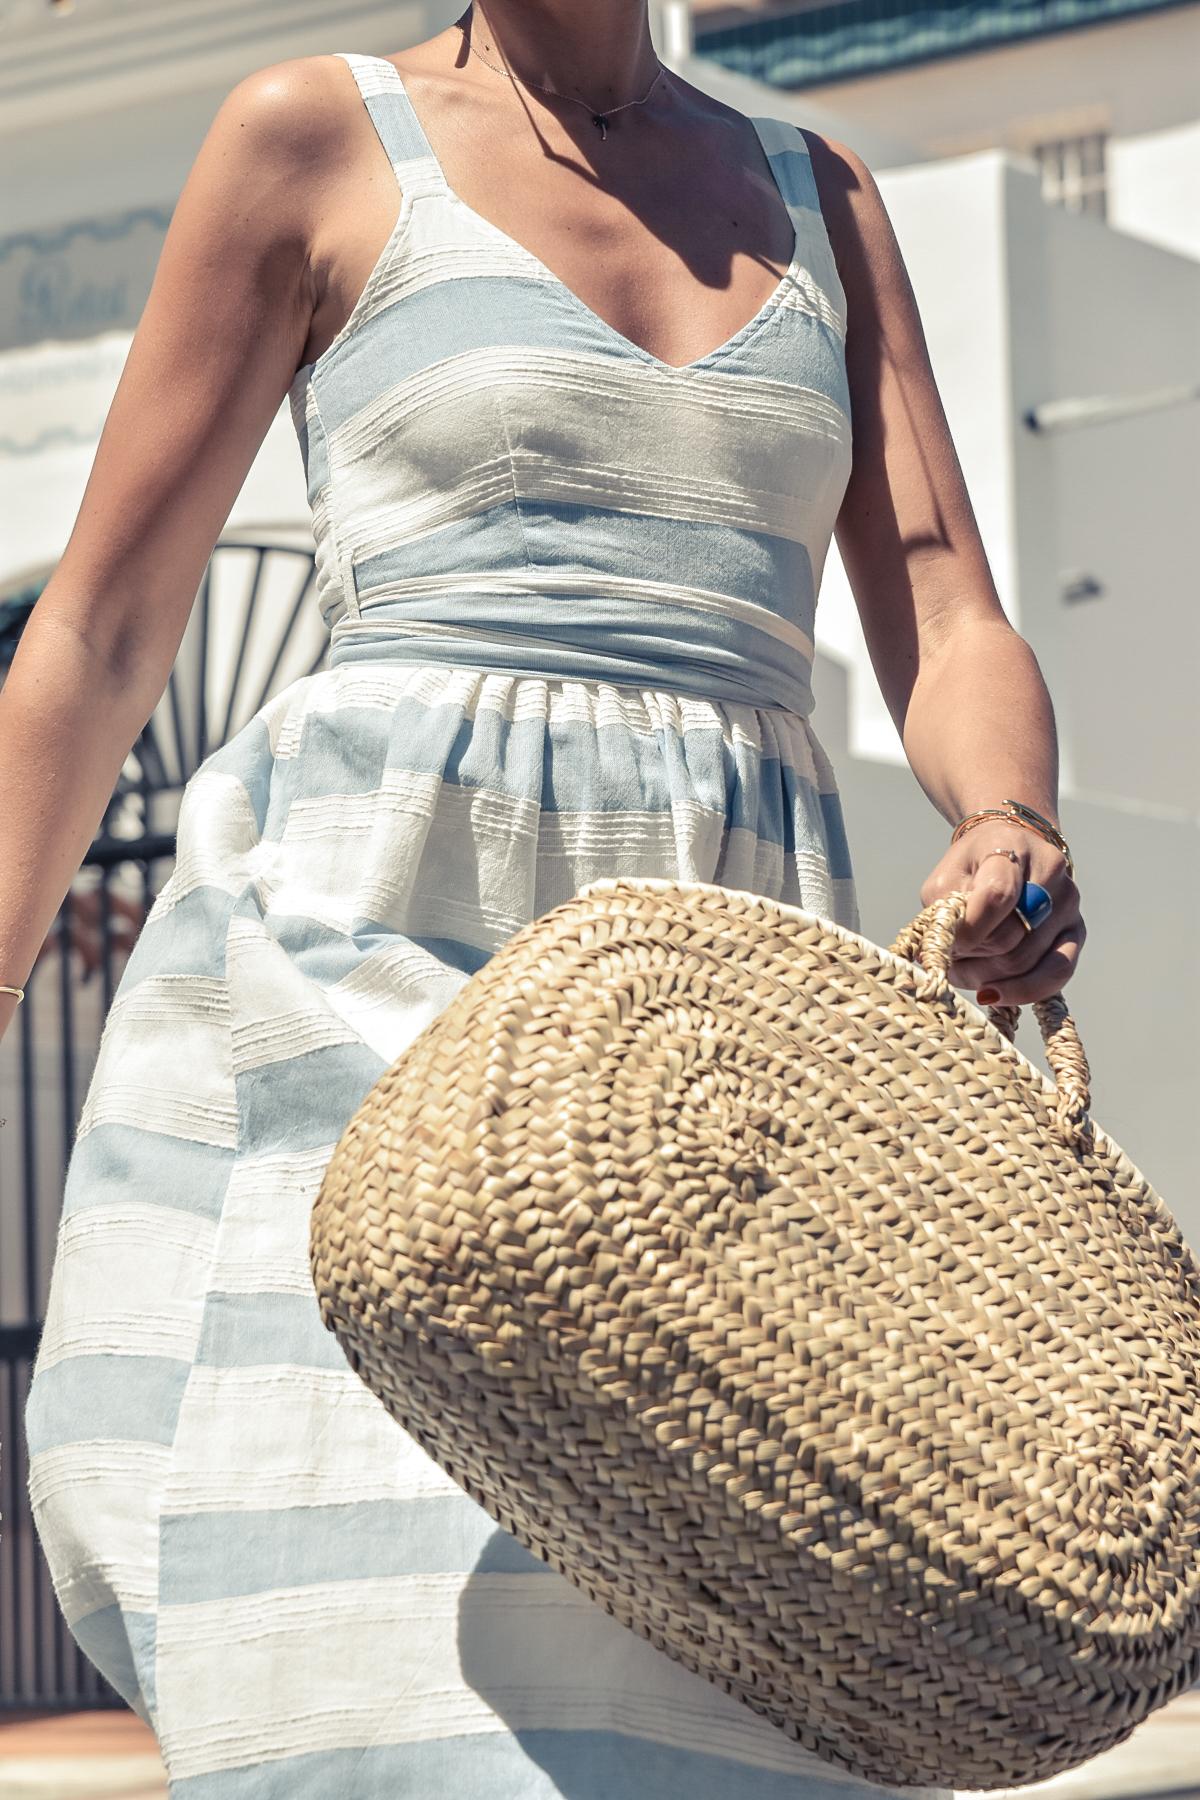 8-el-blog-de-silvia-vestido-rayas-azul-blanco-marbella